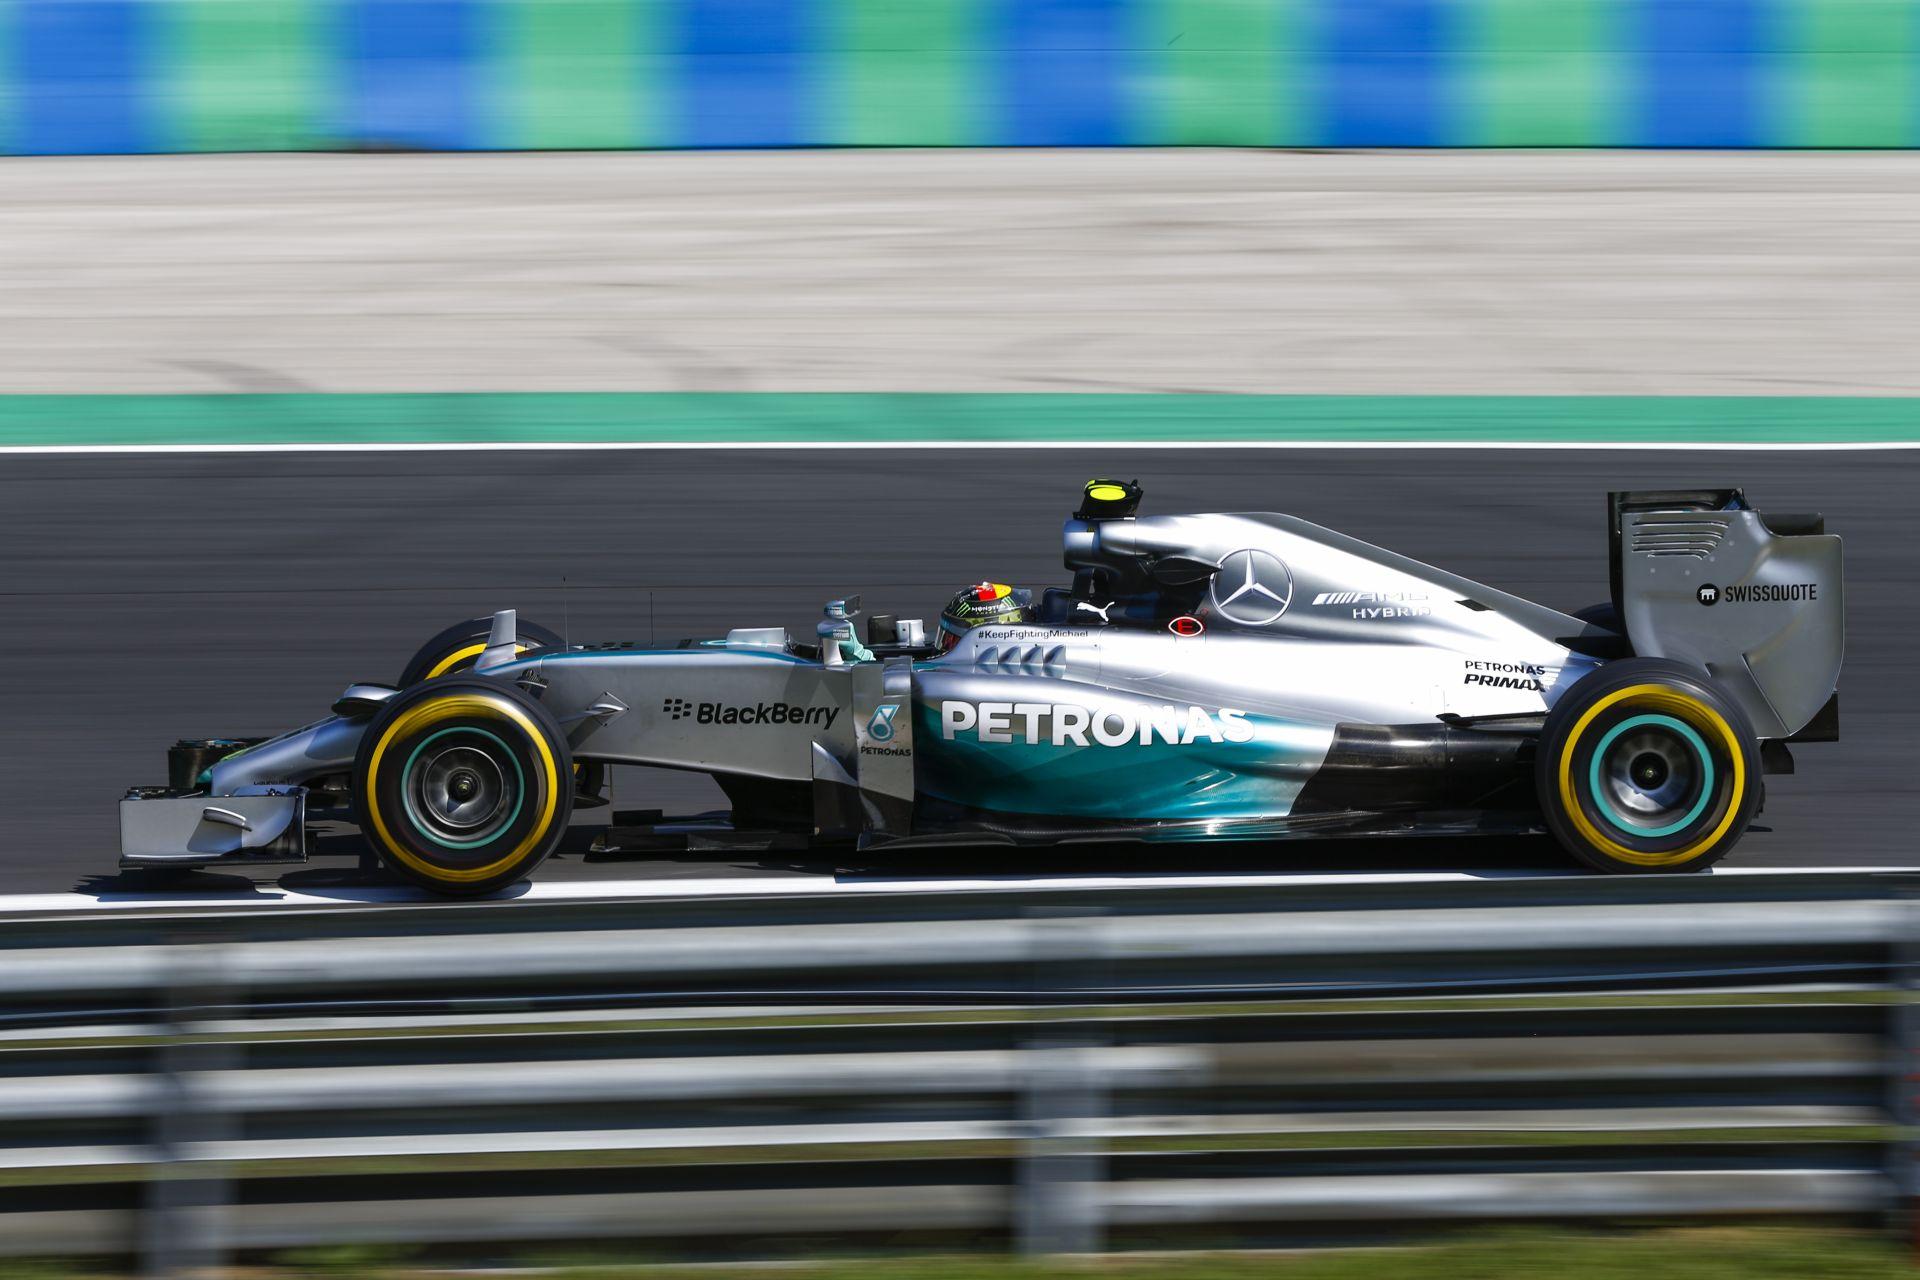 A Mercedesnek az is üzlet, ha Hamilton lesz a bajnok és nincs kivételezés Rosberggel